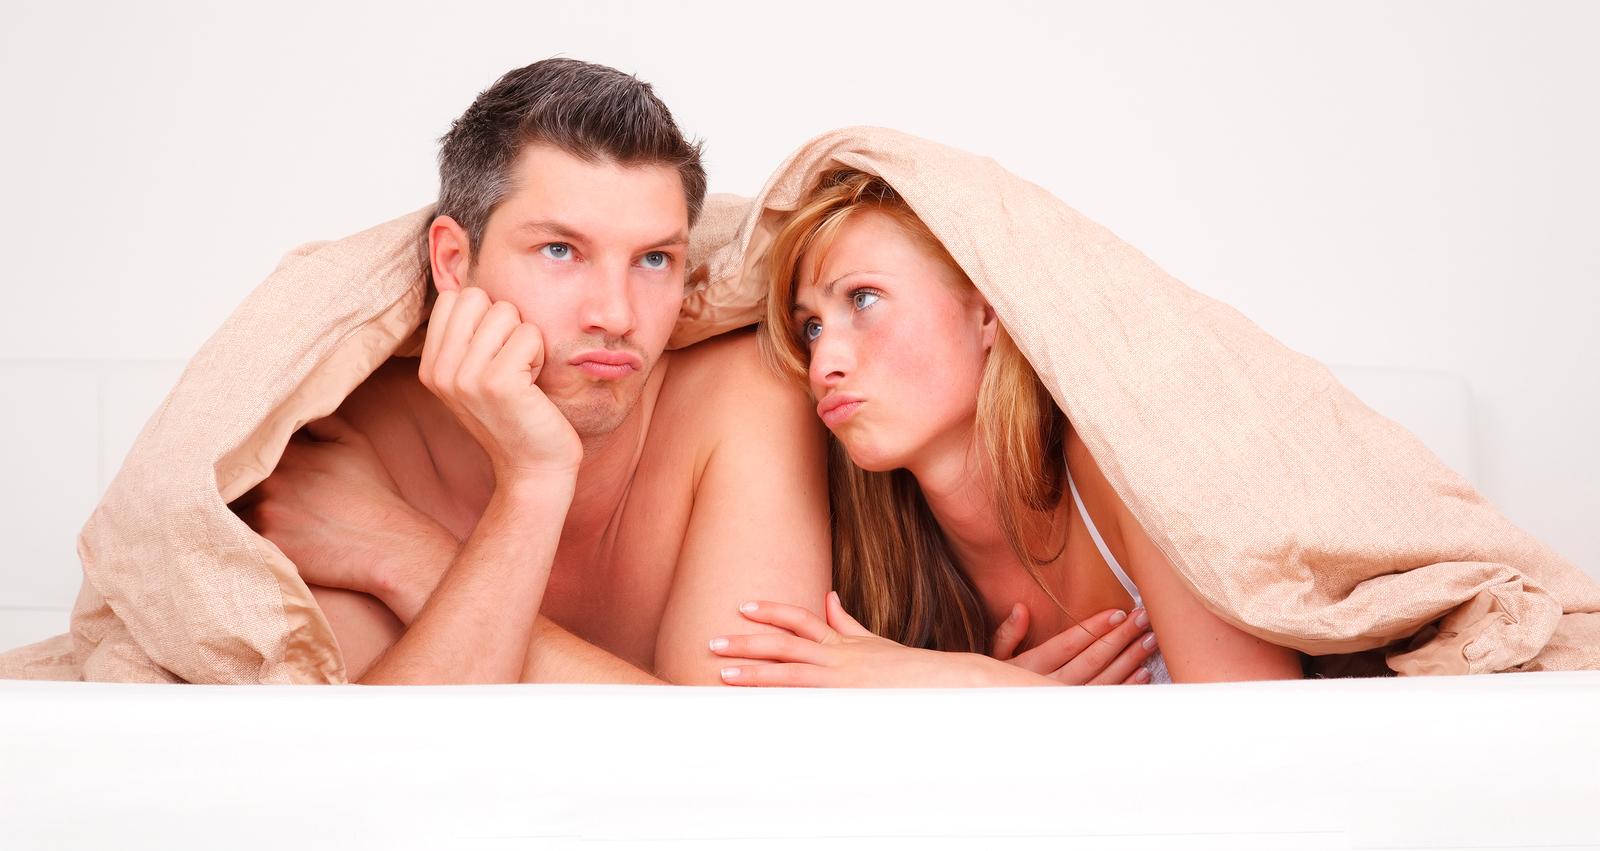 Семейные отношения возраст секс